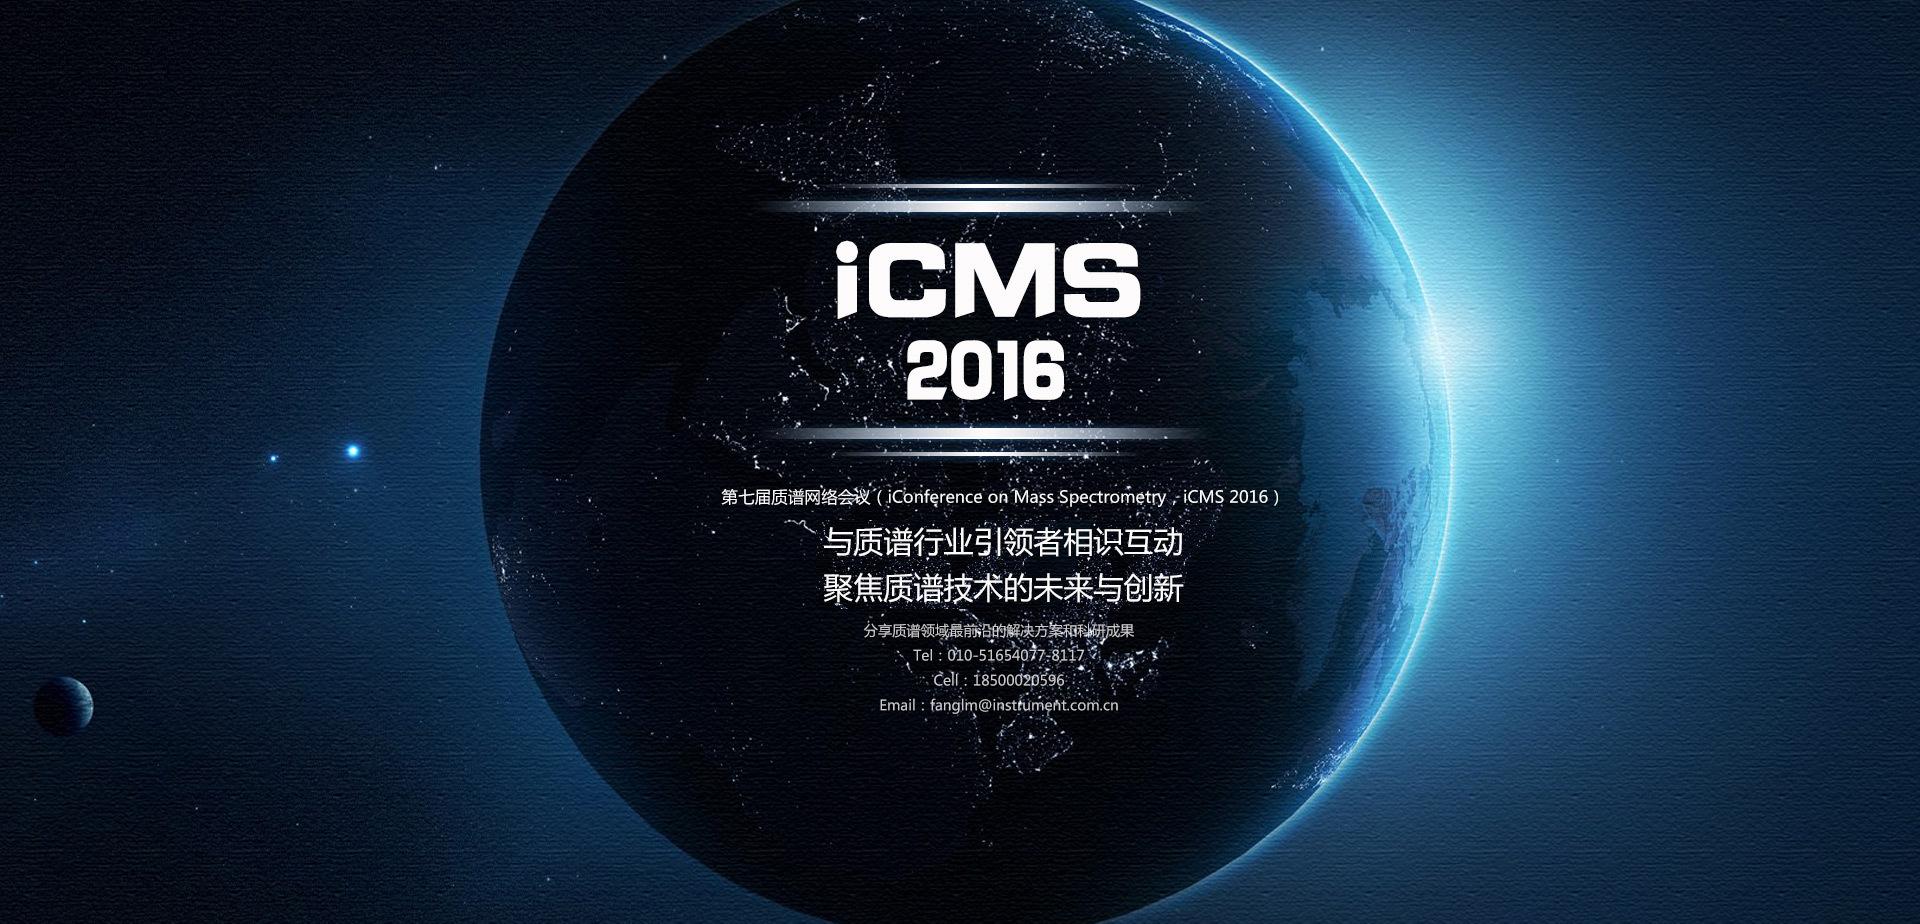 iCMS2016